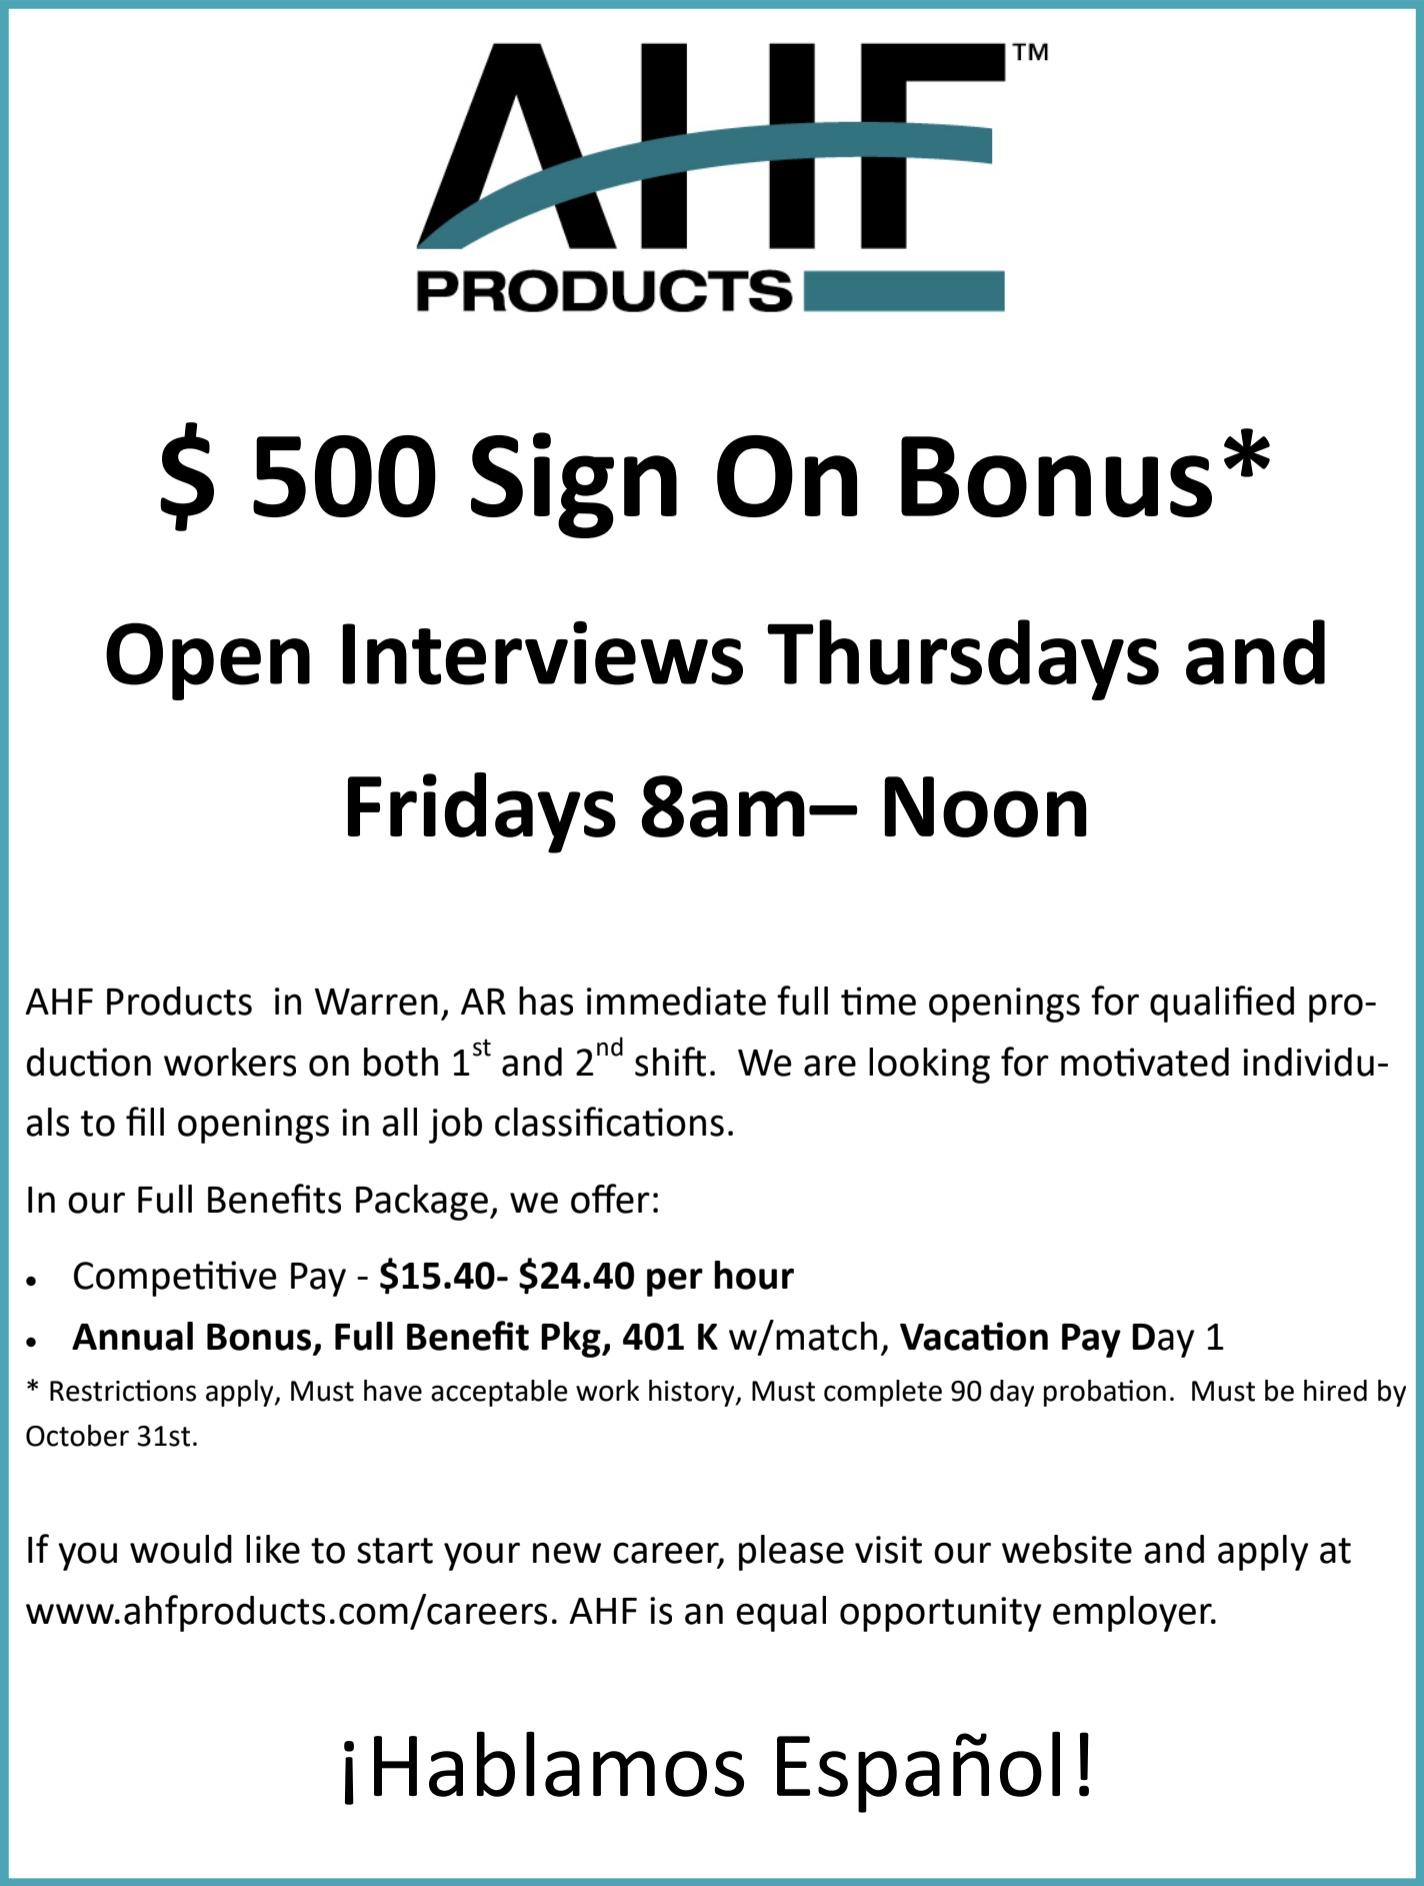 AHF Products-$500 Sign On Bonus*